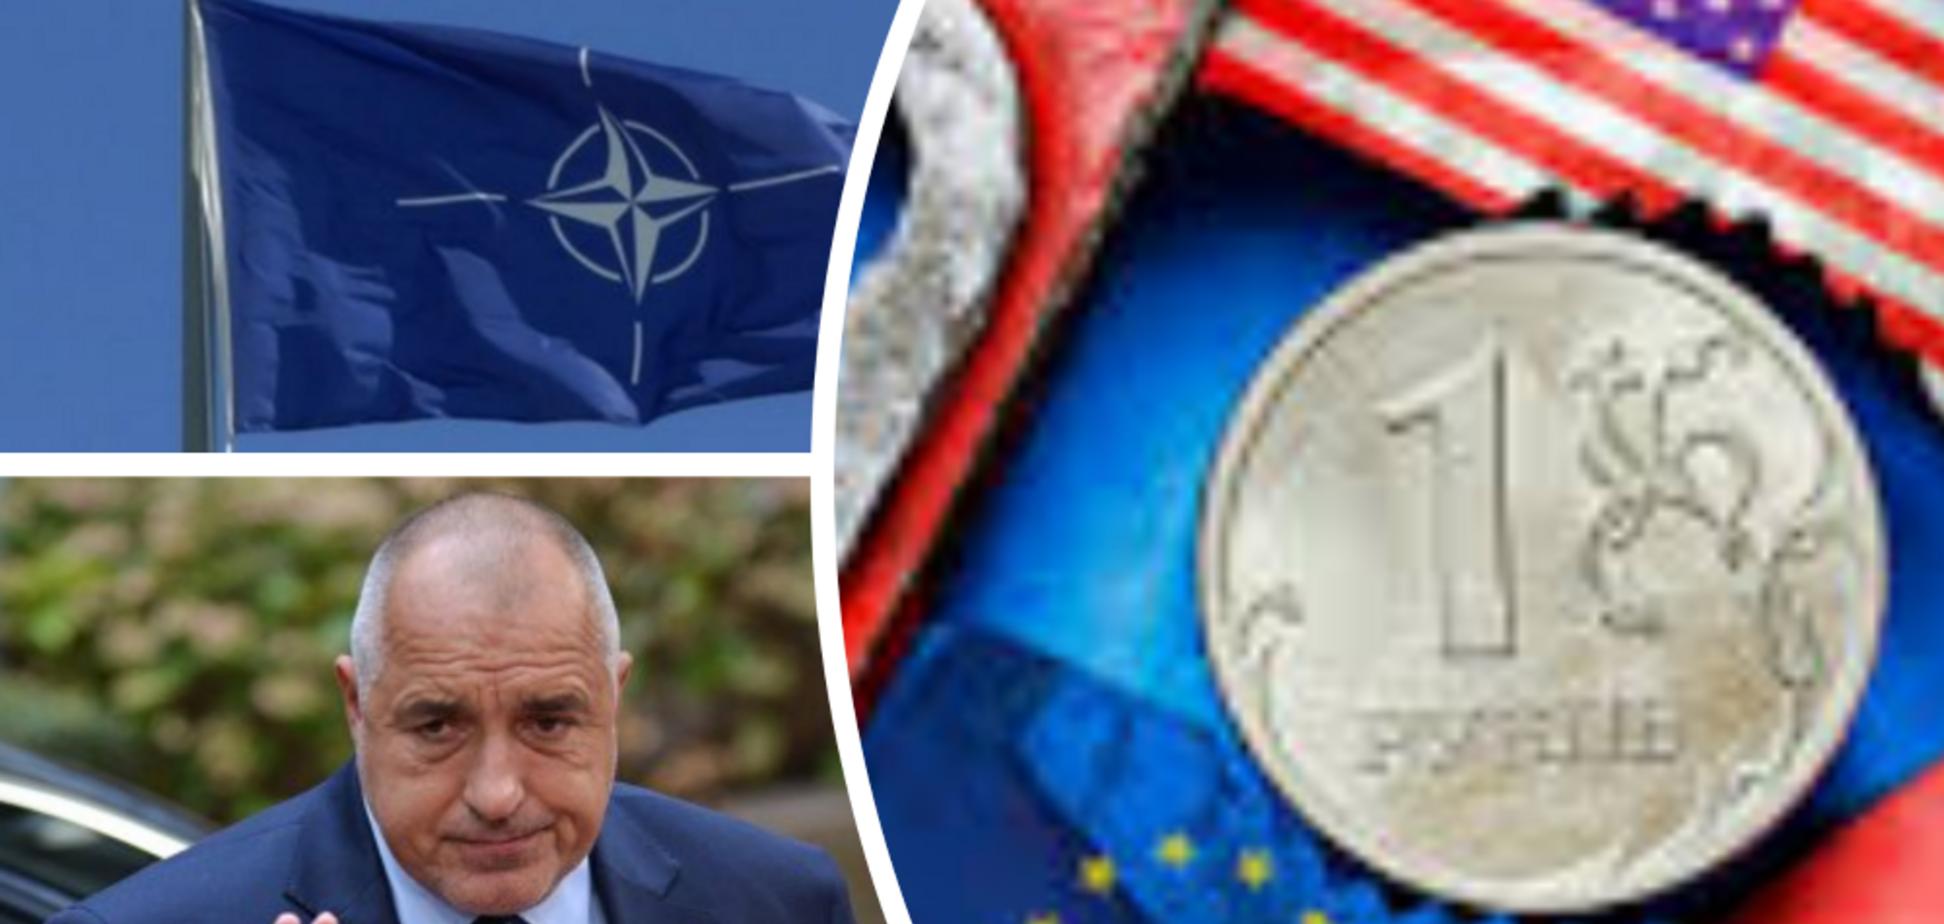 Санкци ЕС, НАТО, Россия